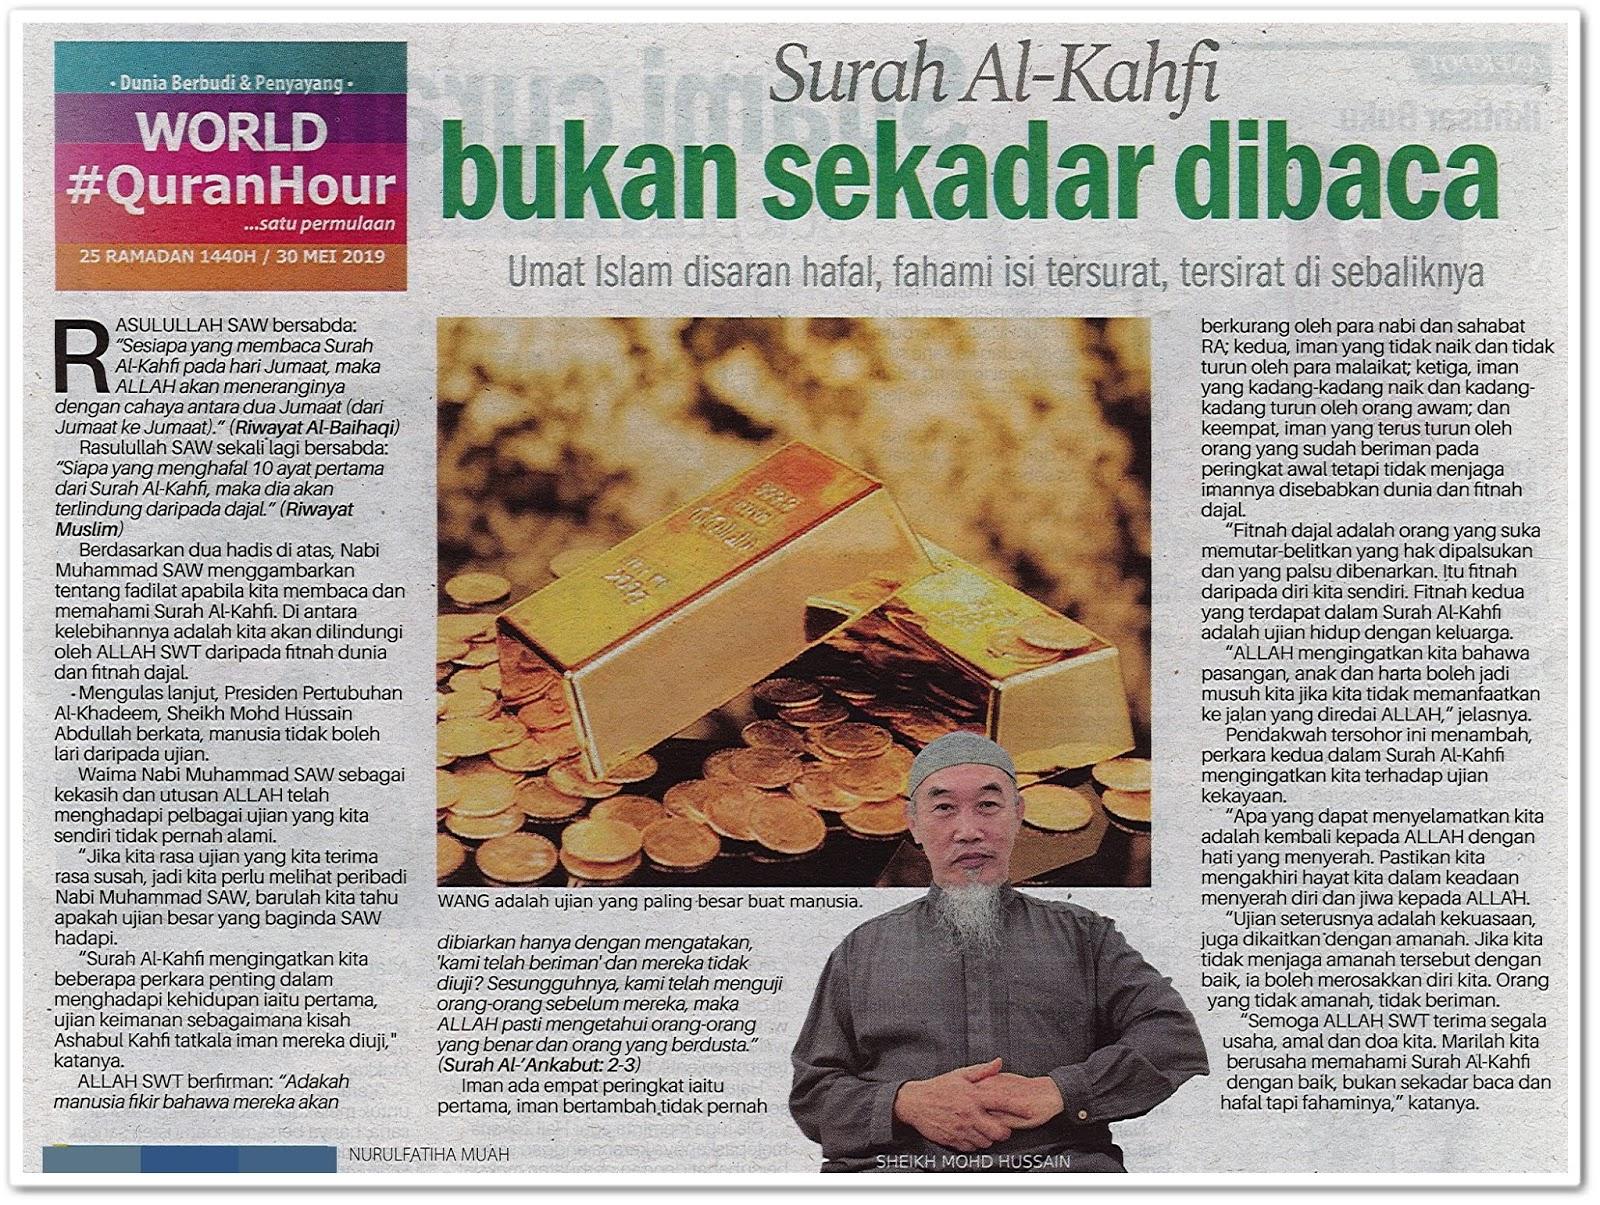 Surah Al-Kahfi bukan sekadar di baca - Keratan akhbar Sinar Harian 8 Mac 2019